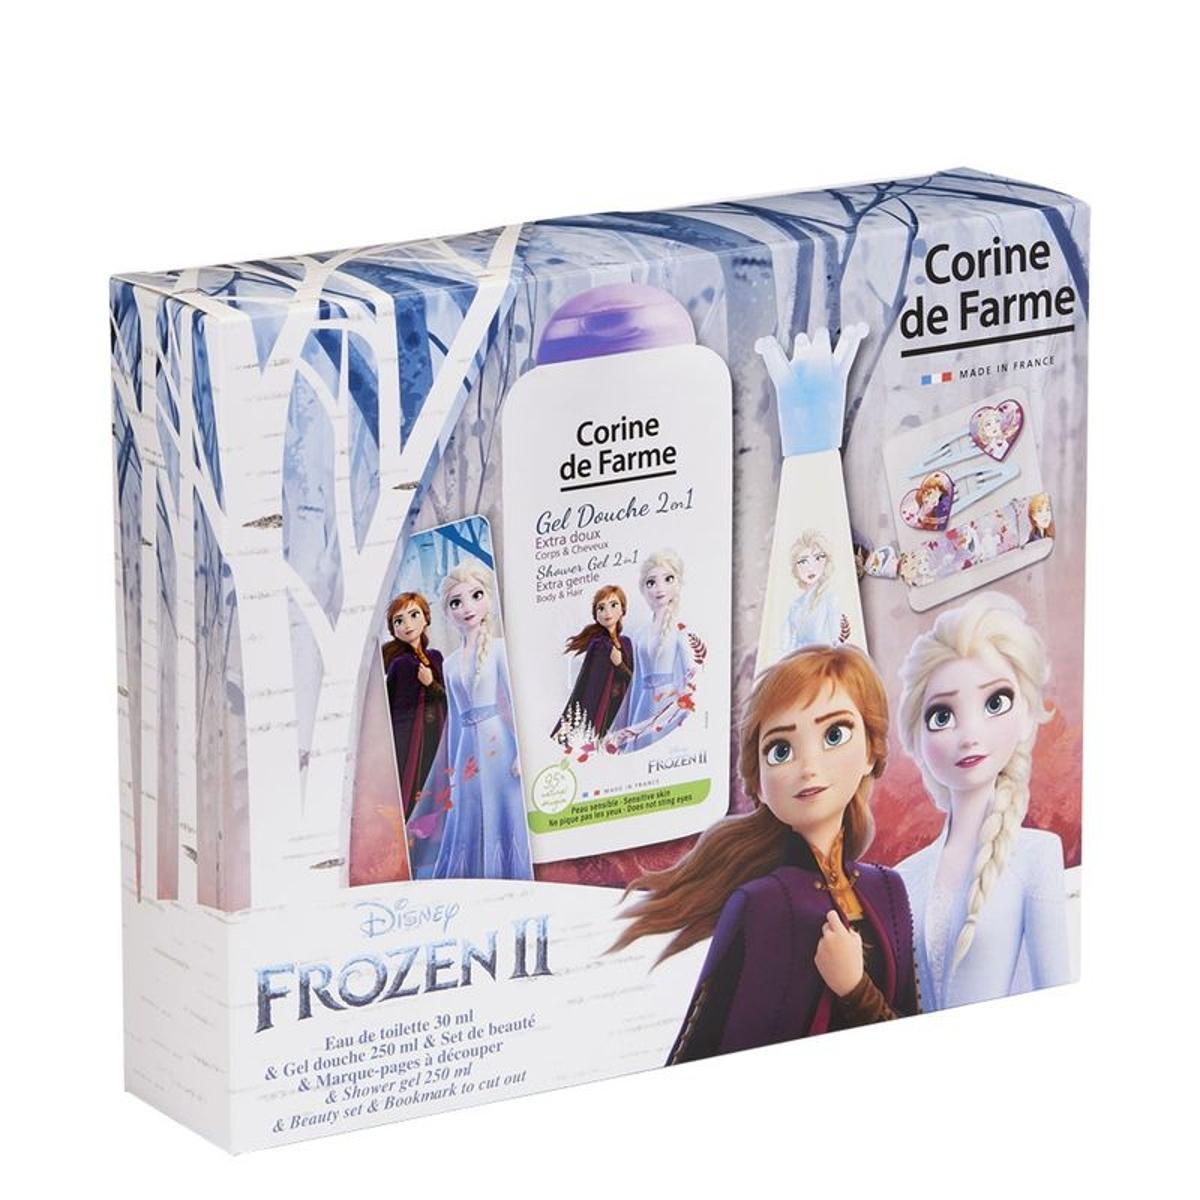 La Reine de Neiges 2 Elsa  , Coffret Eau de toilette 30   ml + Gel douche 250   ml + set de barrettes et bracelet 30 ML